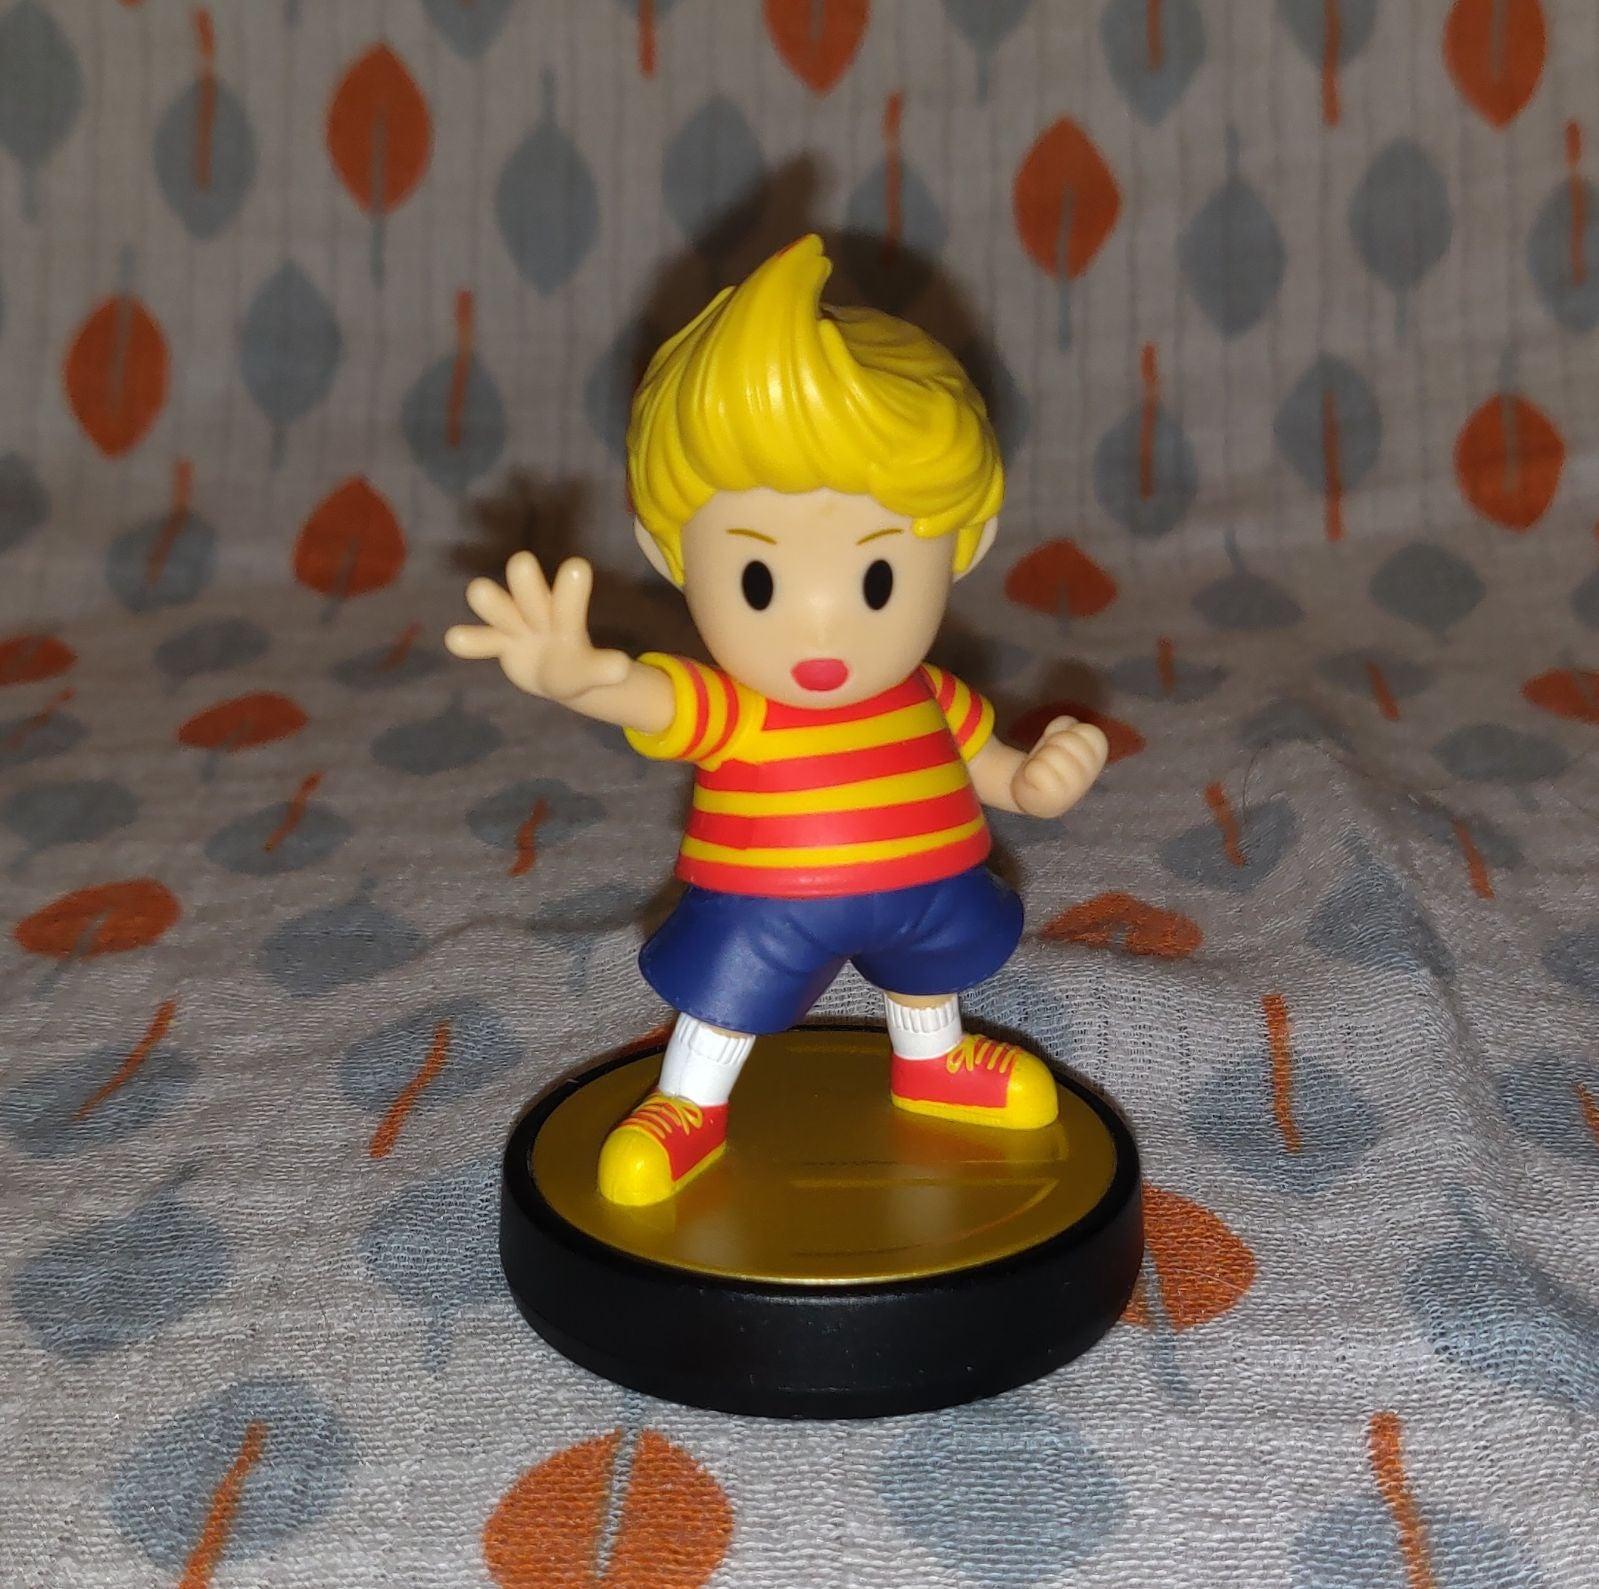 Super Smash Bros. Lucas Amiibo